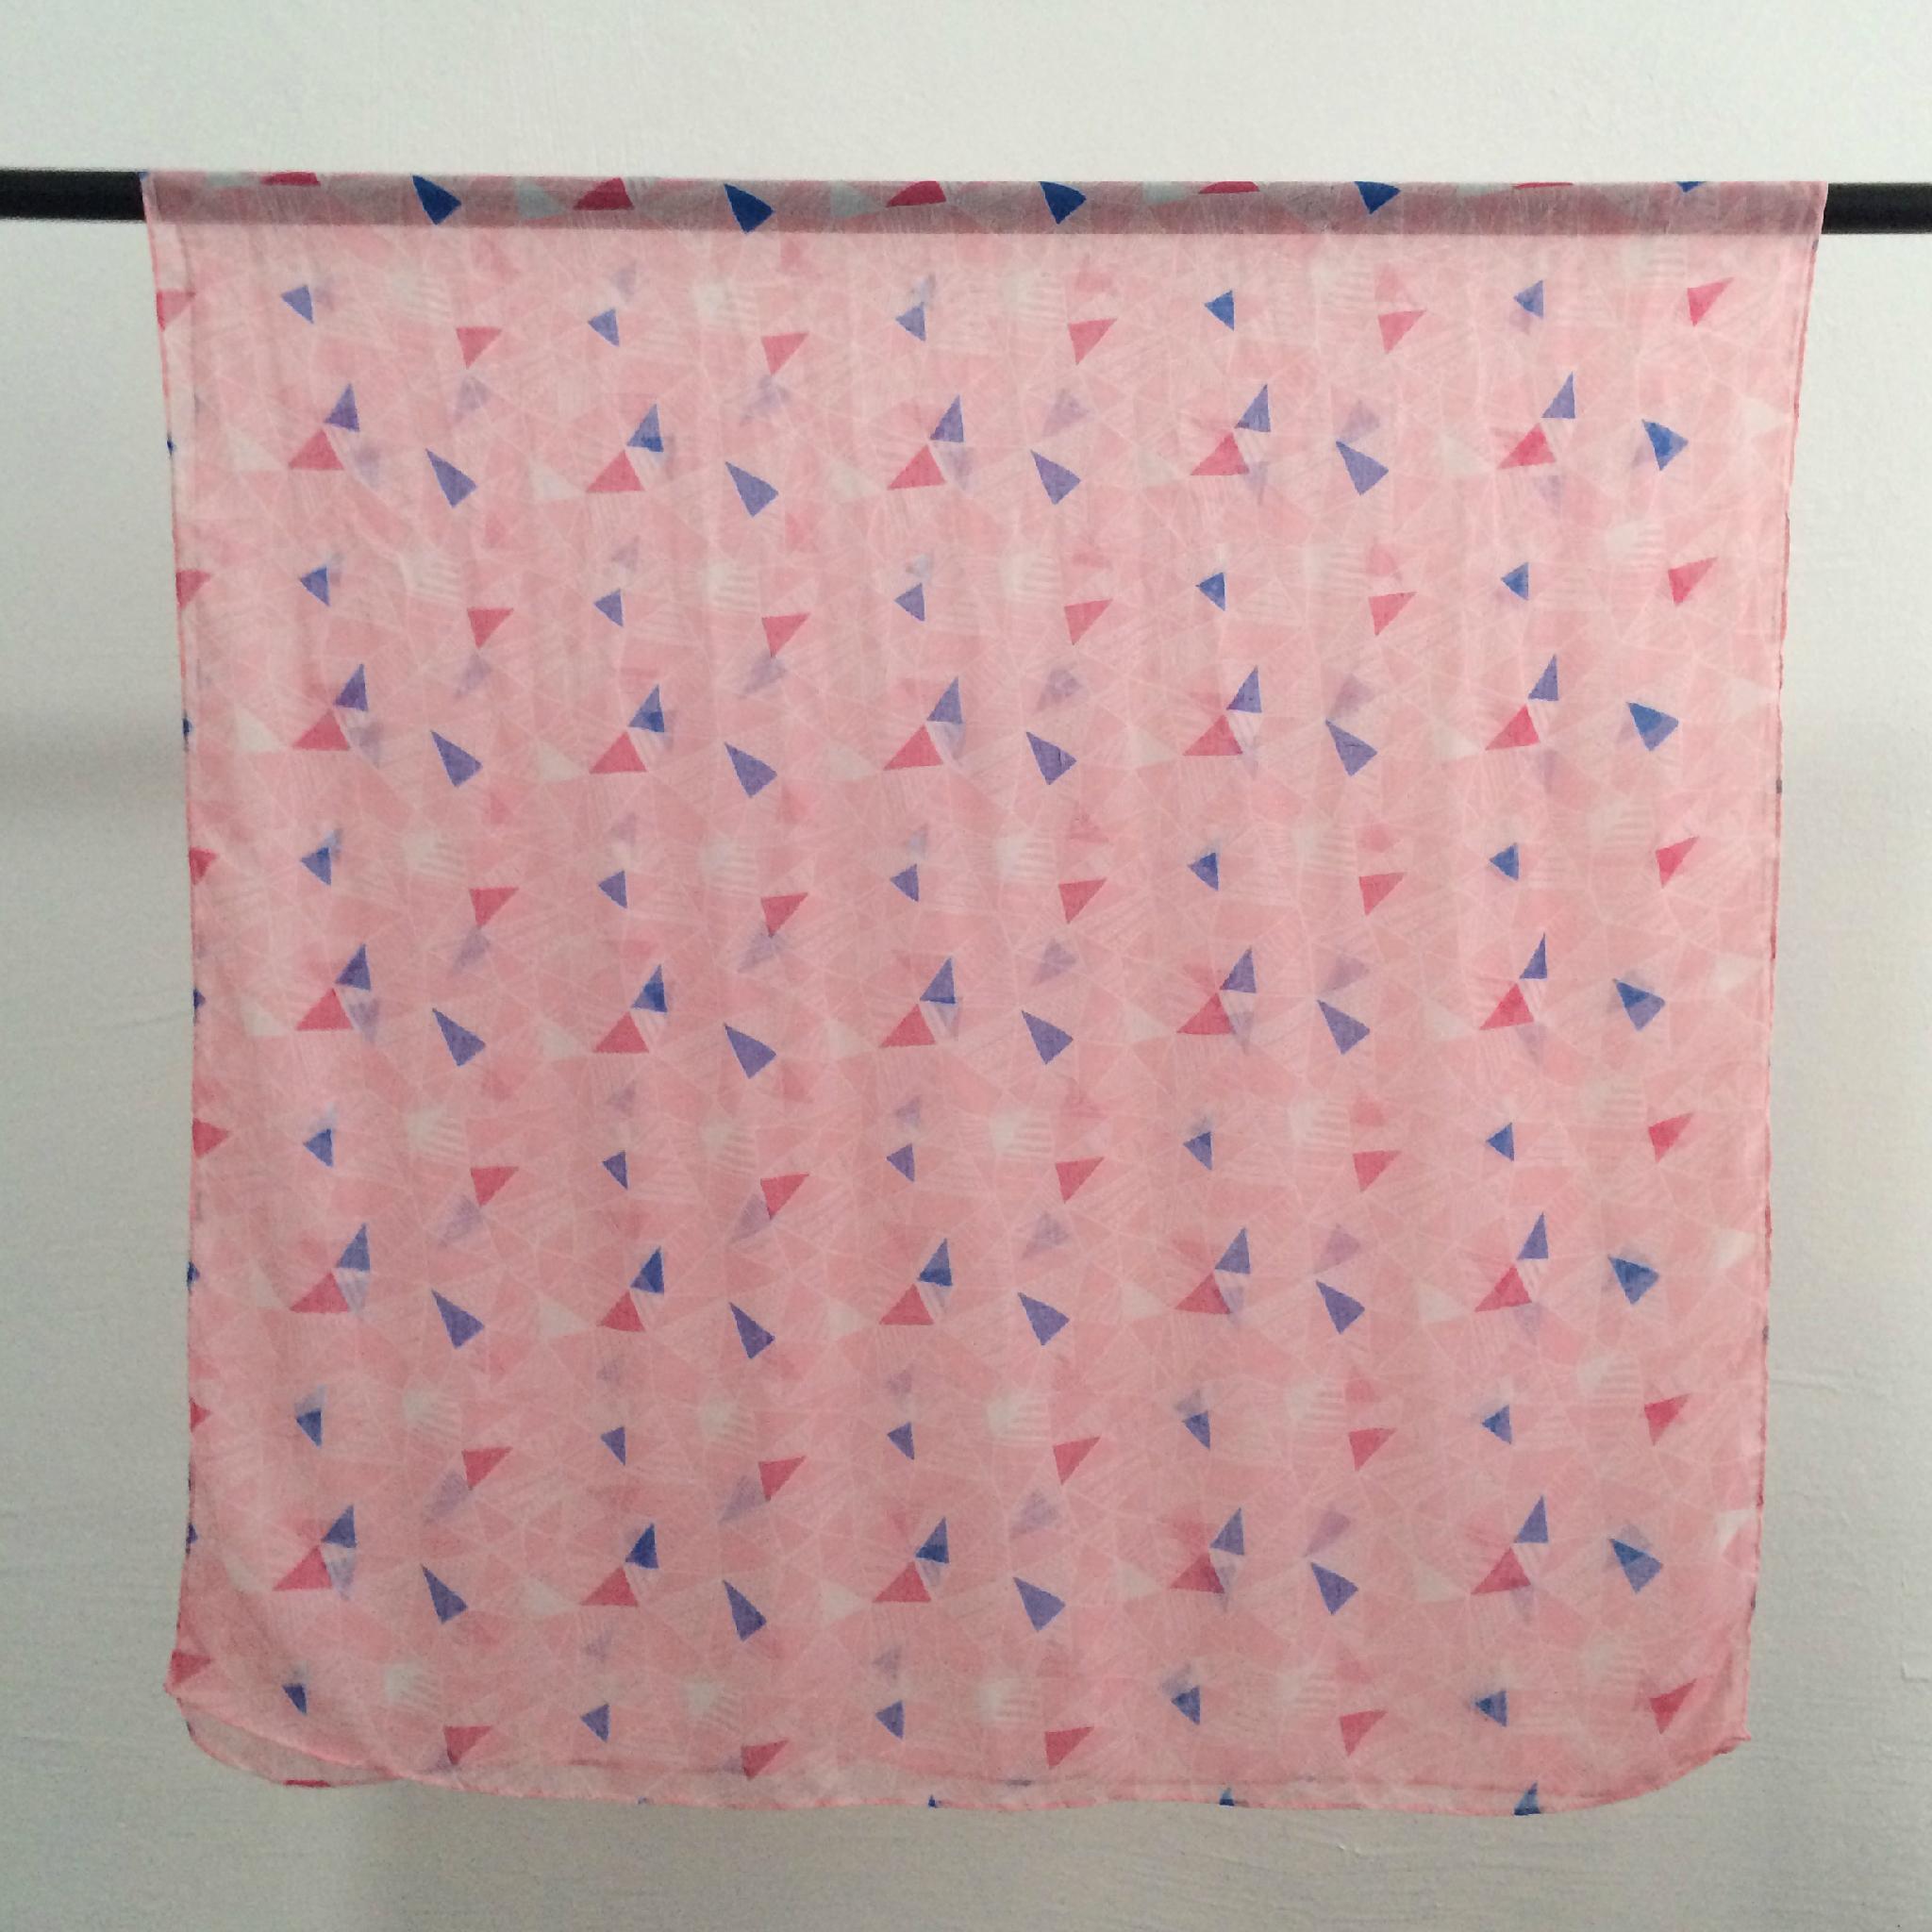 出售批發圍巾羊絨圍巾絲巾 2